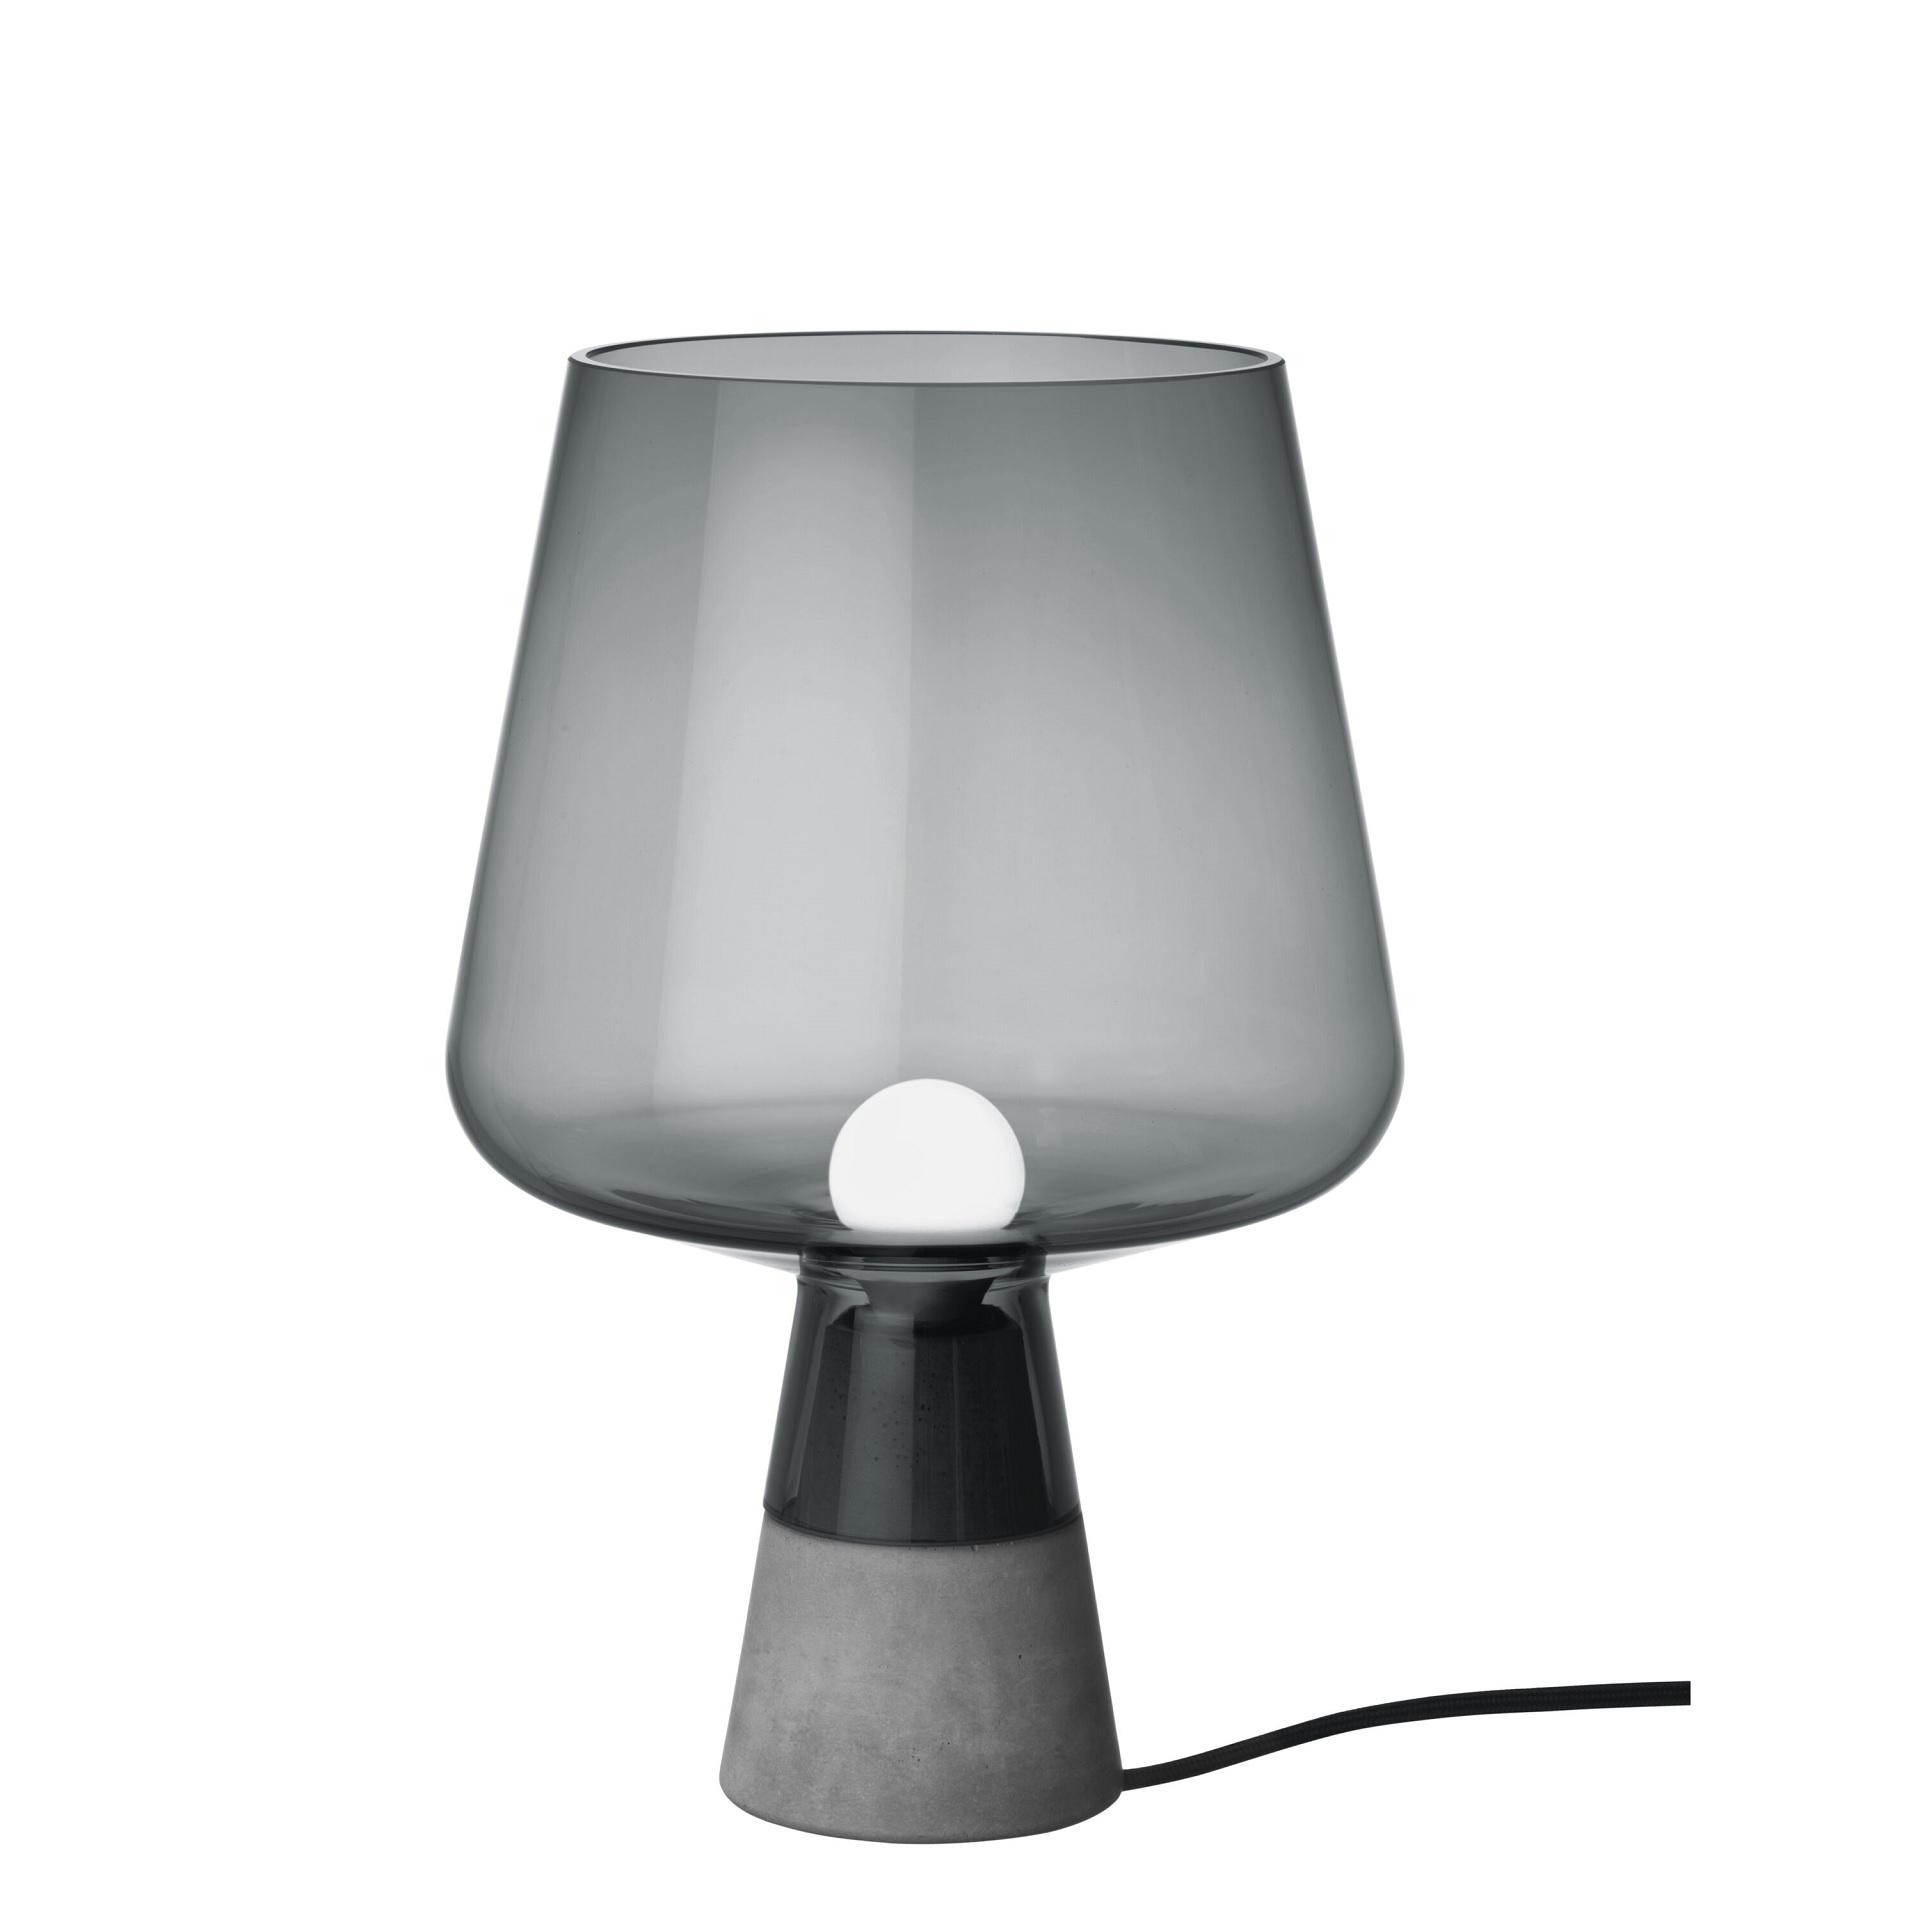 iittala Leimu lamp